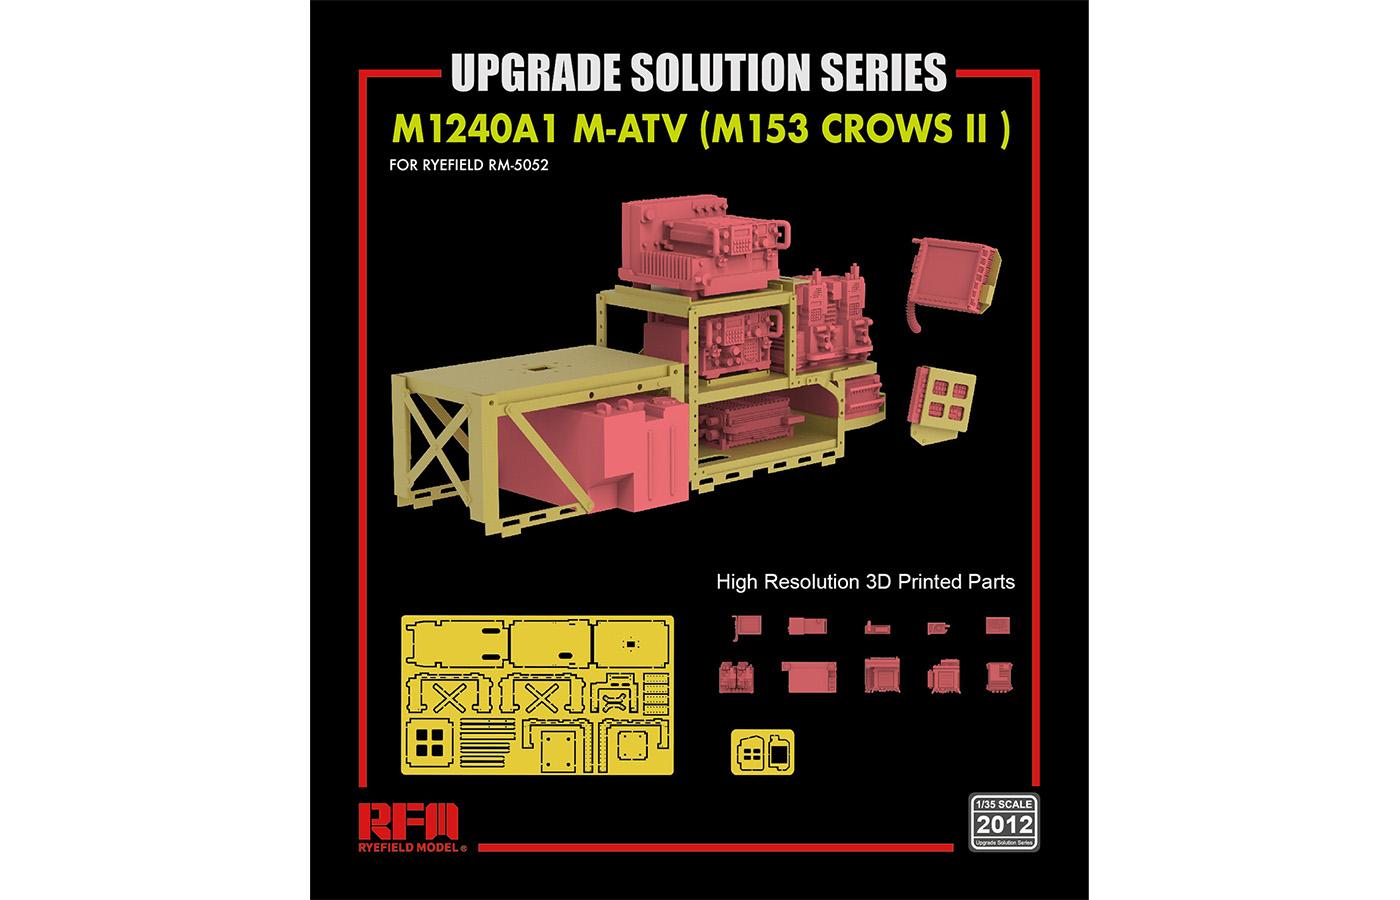 RM-2012  通用型树脂电台升级型